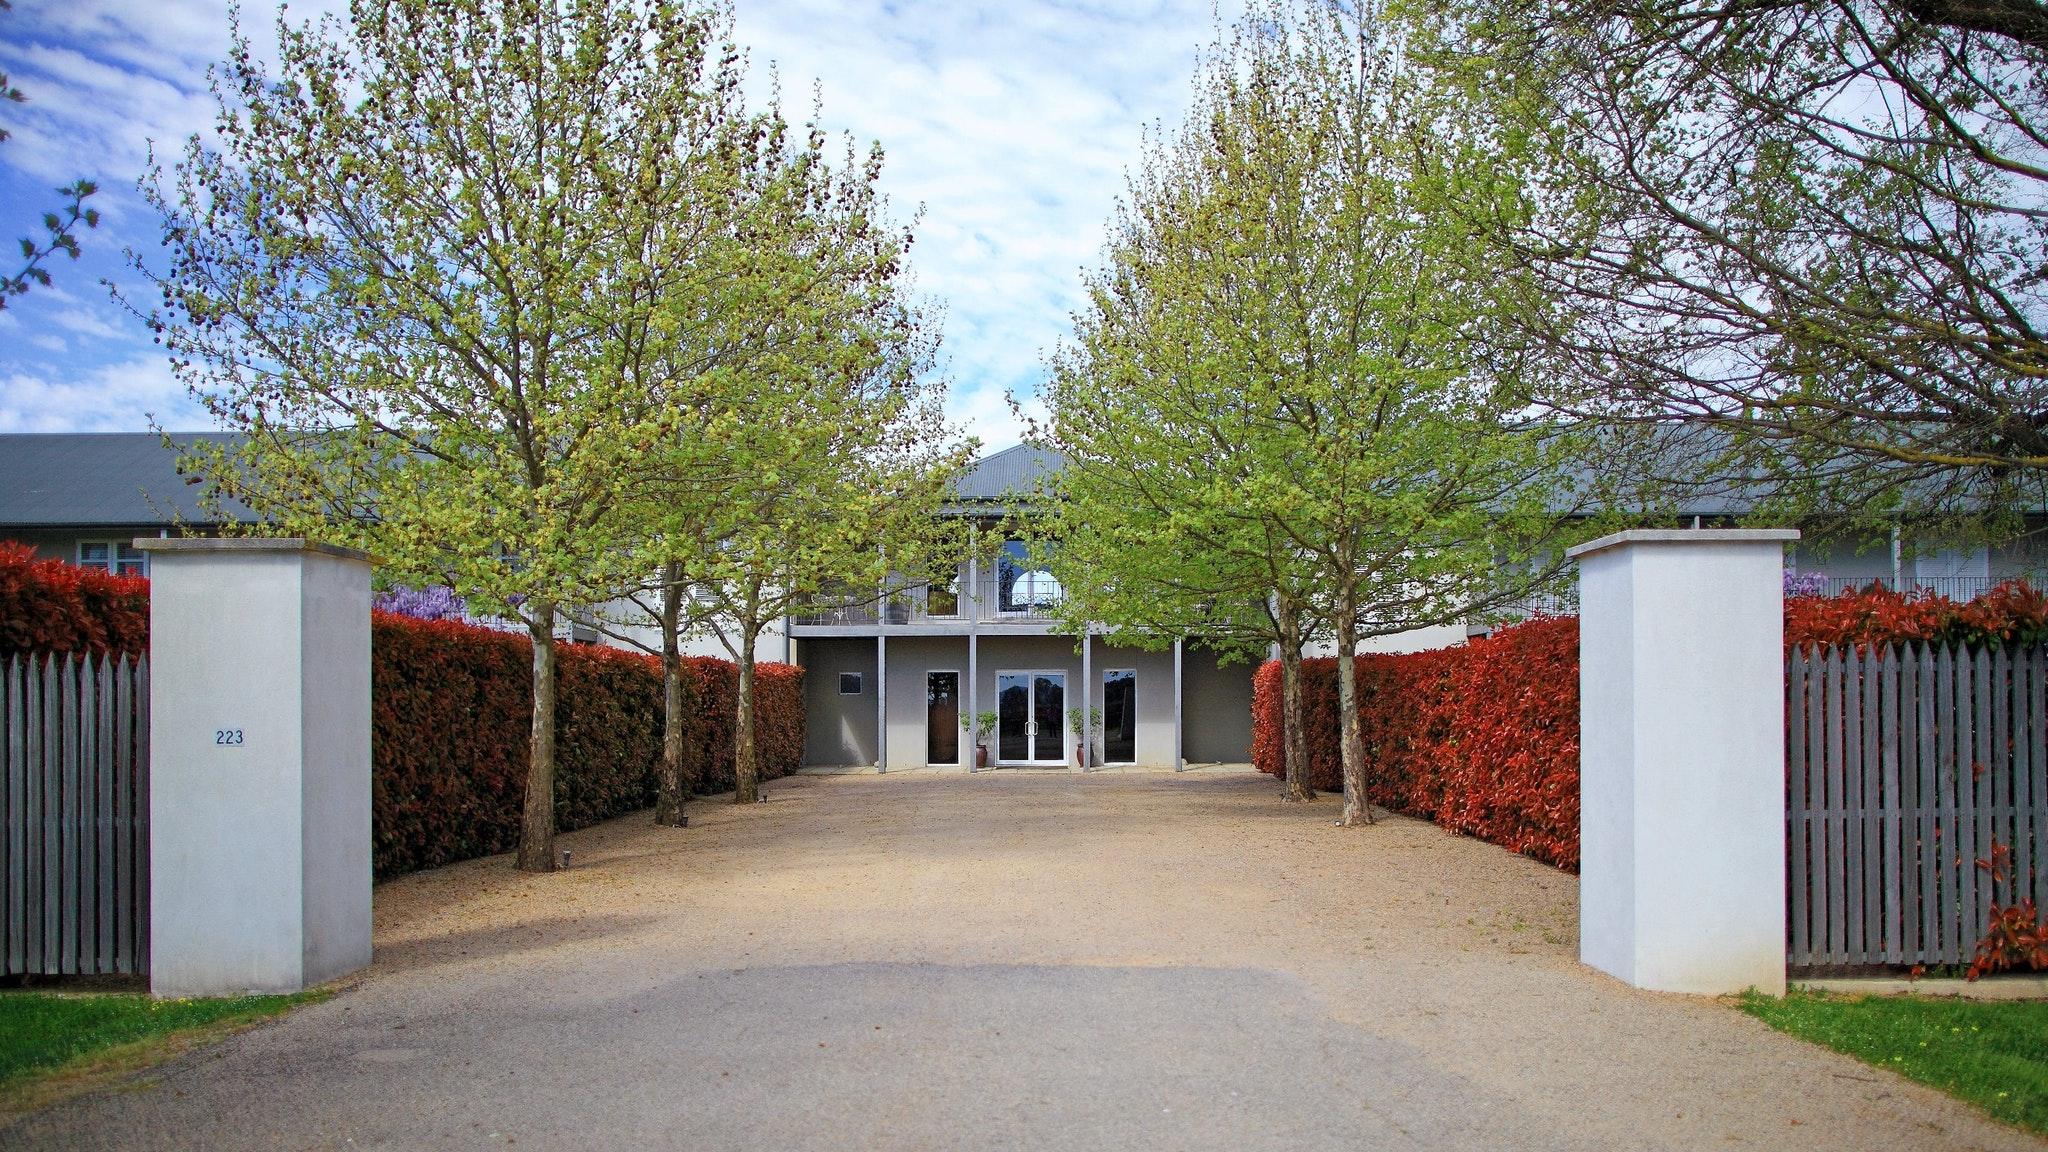 Entrance to Lindenwarrah